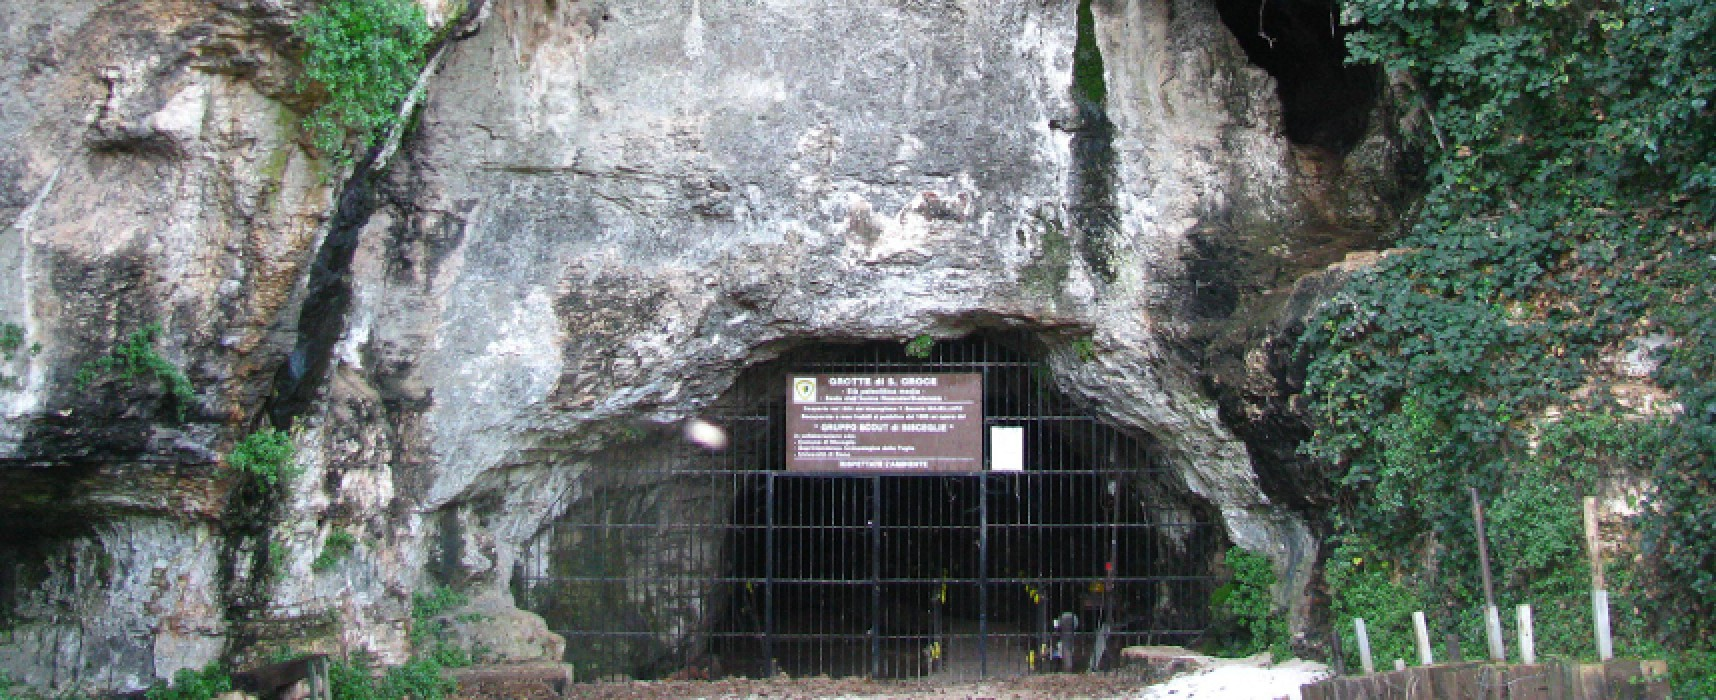 Grotte di Santa Croce, il Comune decreta la riapertura per accertamenti